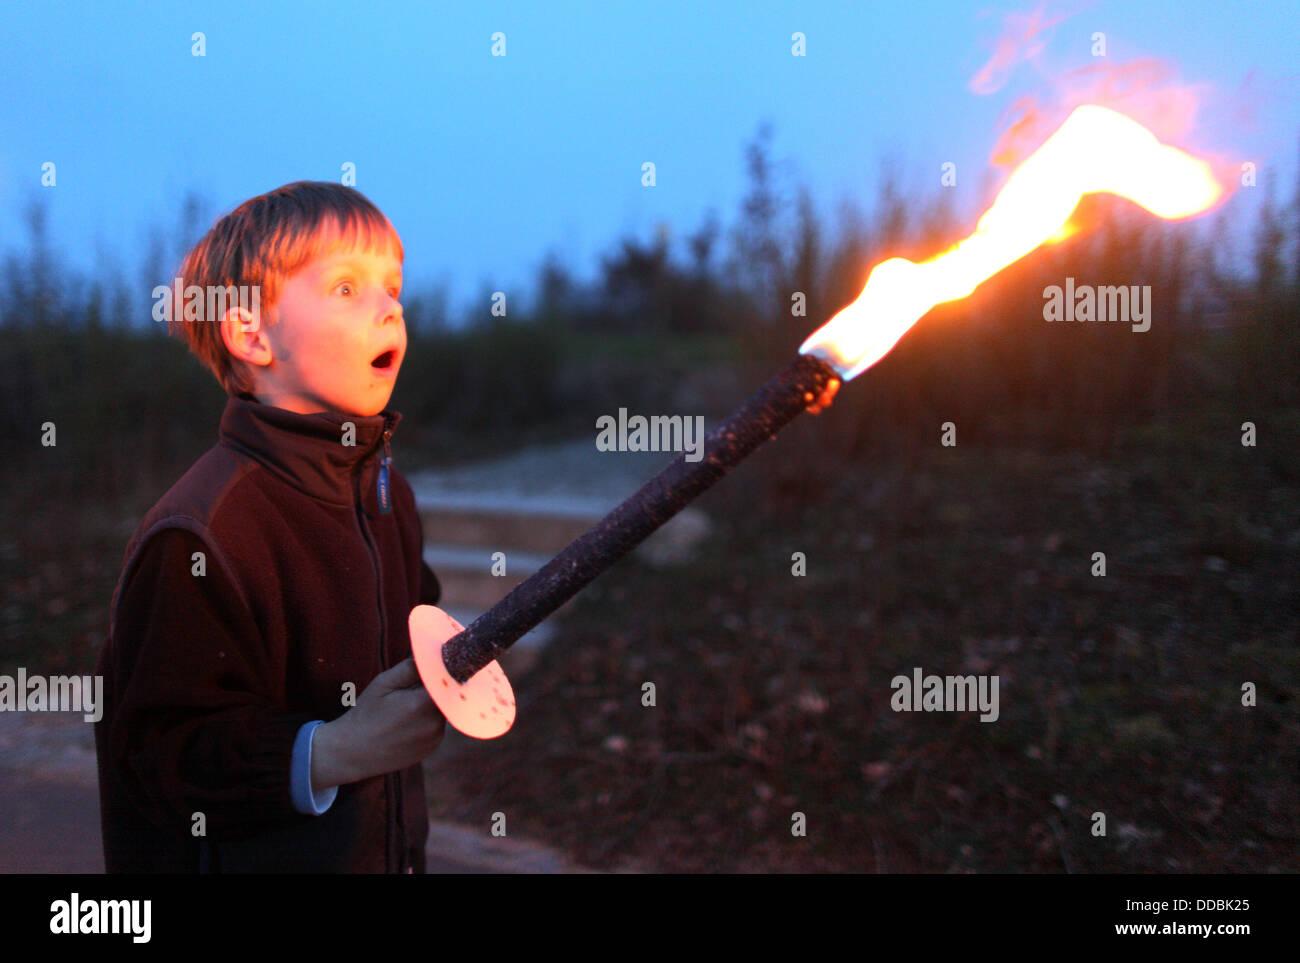 Waren, Germania, il ragazzo sguardi stupiti su una torcia Immagini Stock